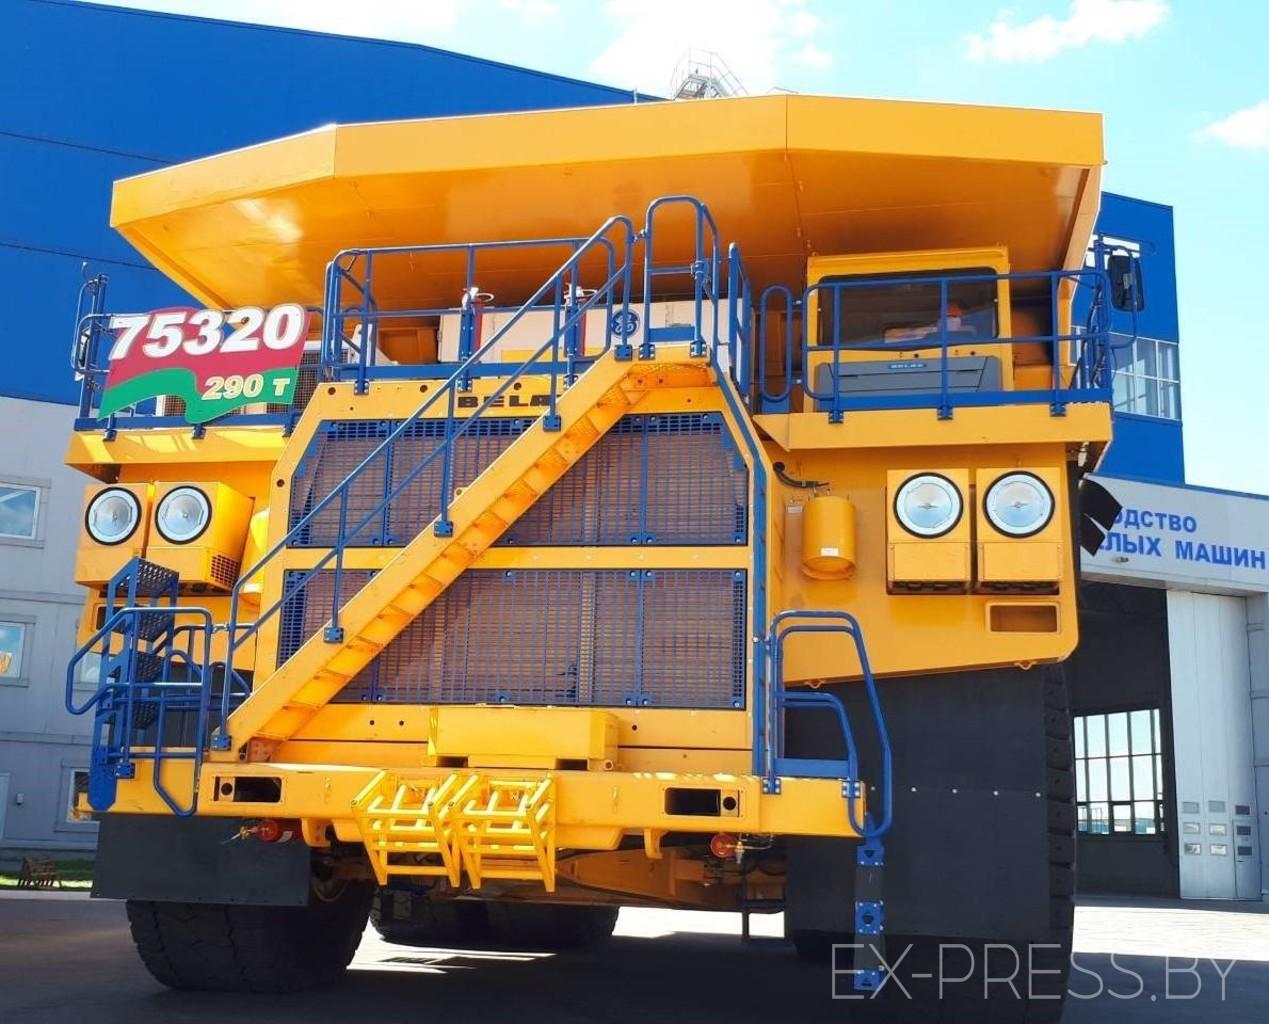 На БЕЛАЗе представили 290-тонный автомобиль